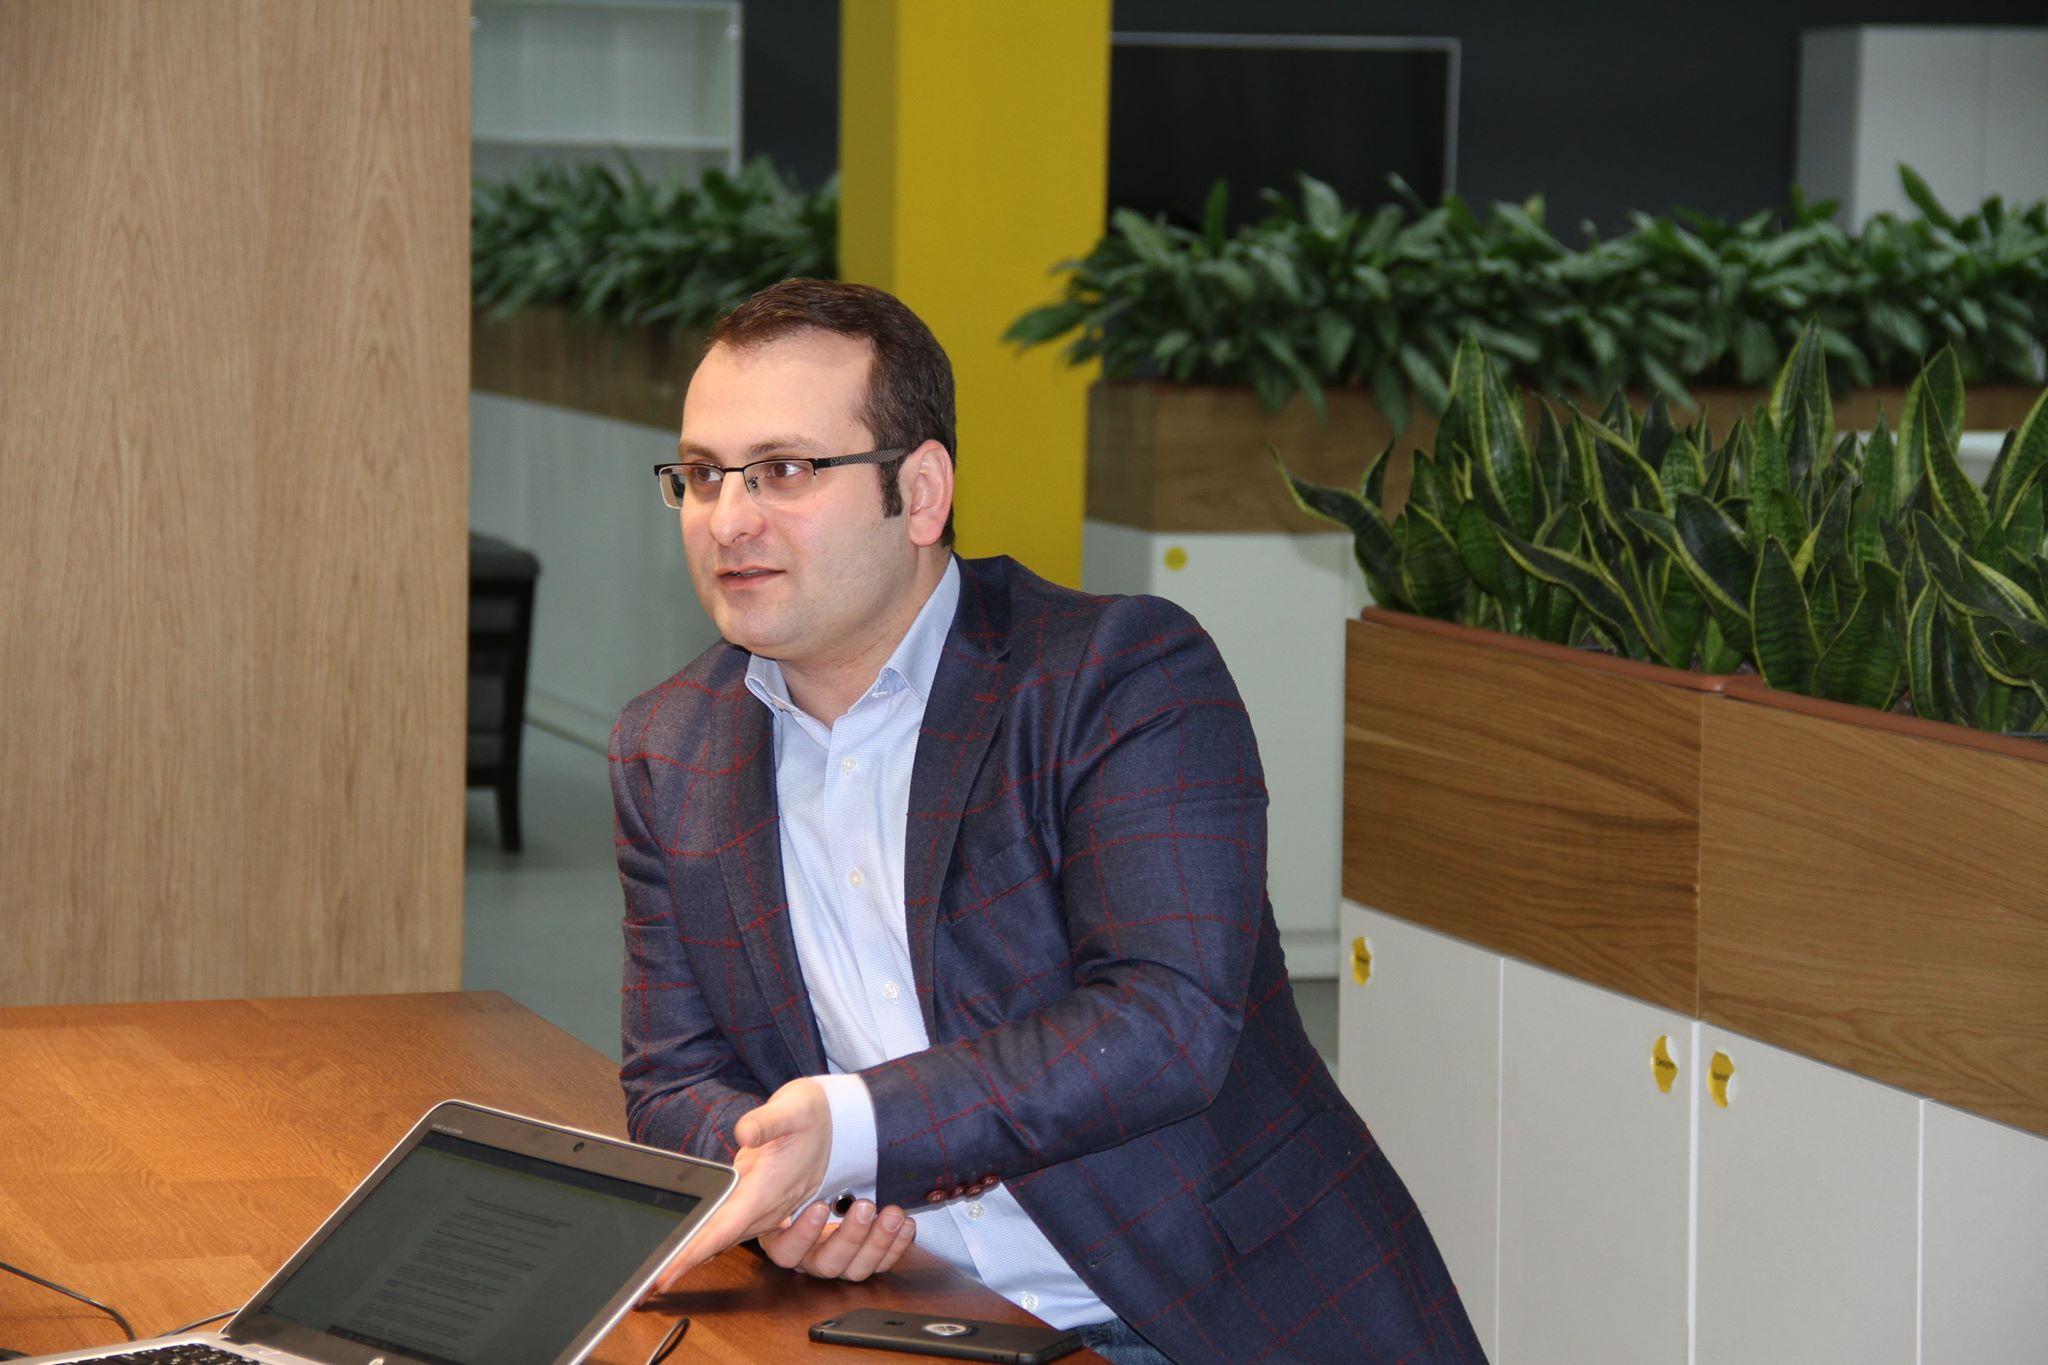 Айк Карапетян: конкуренцию нужно продолжать путем улучшения услуг